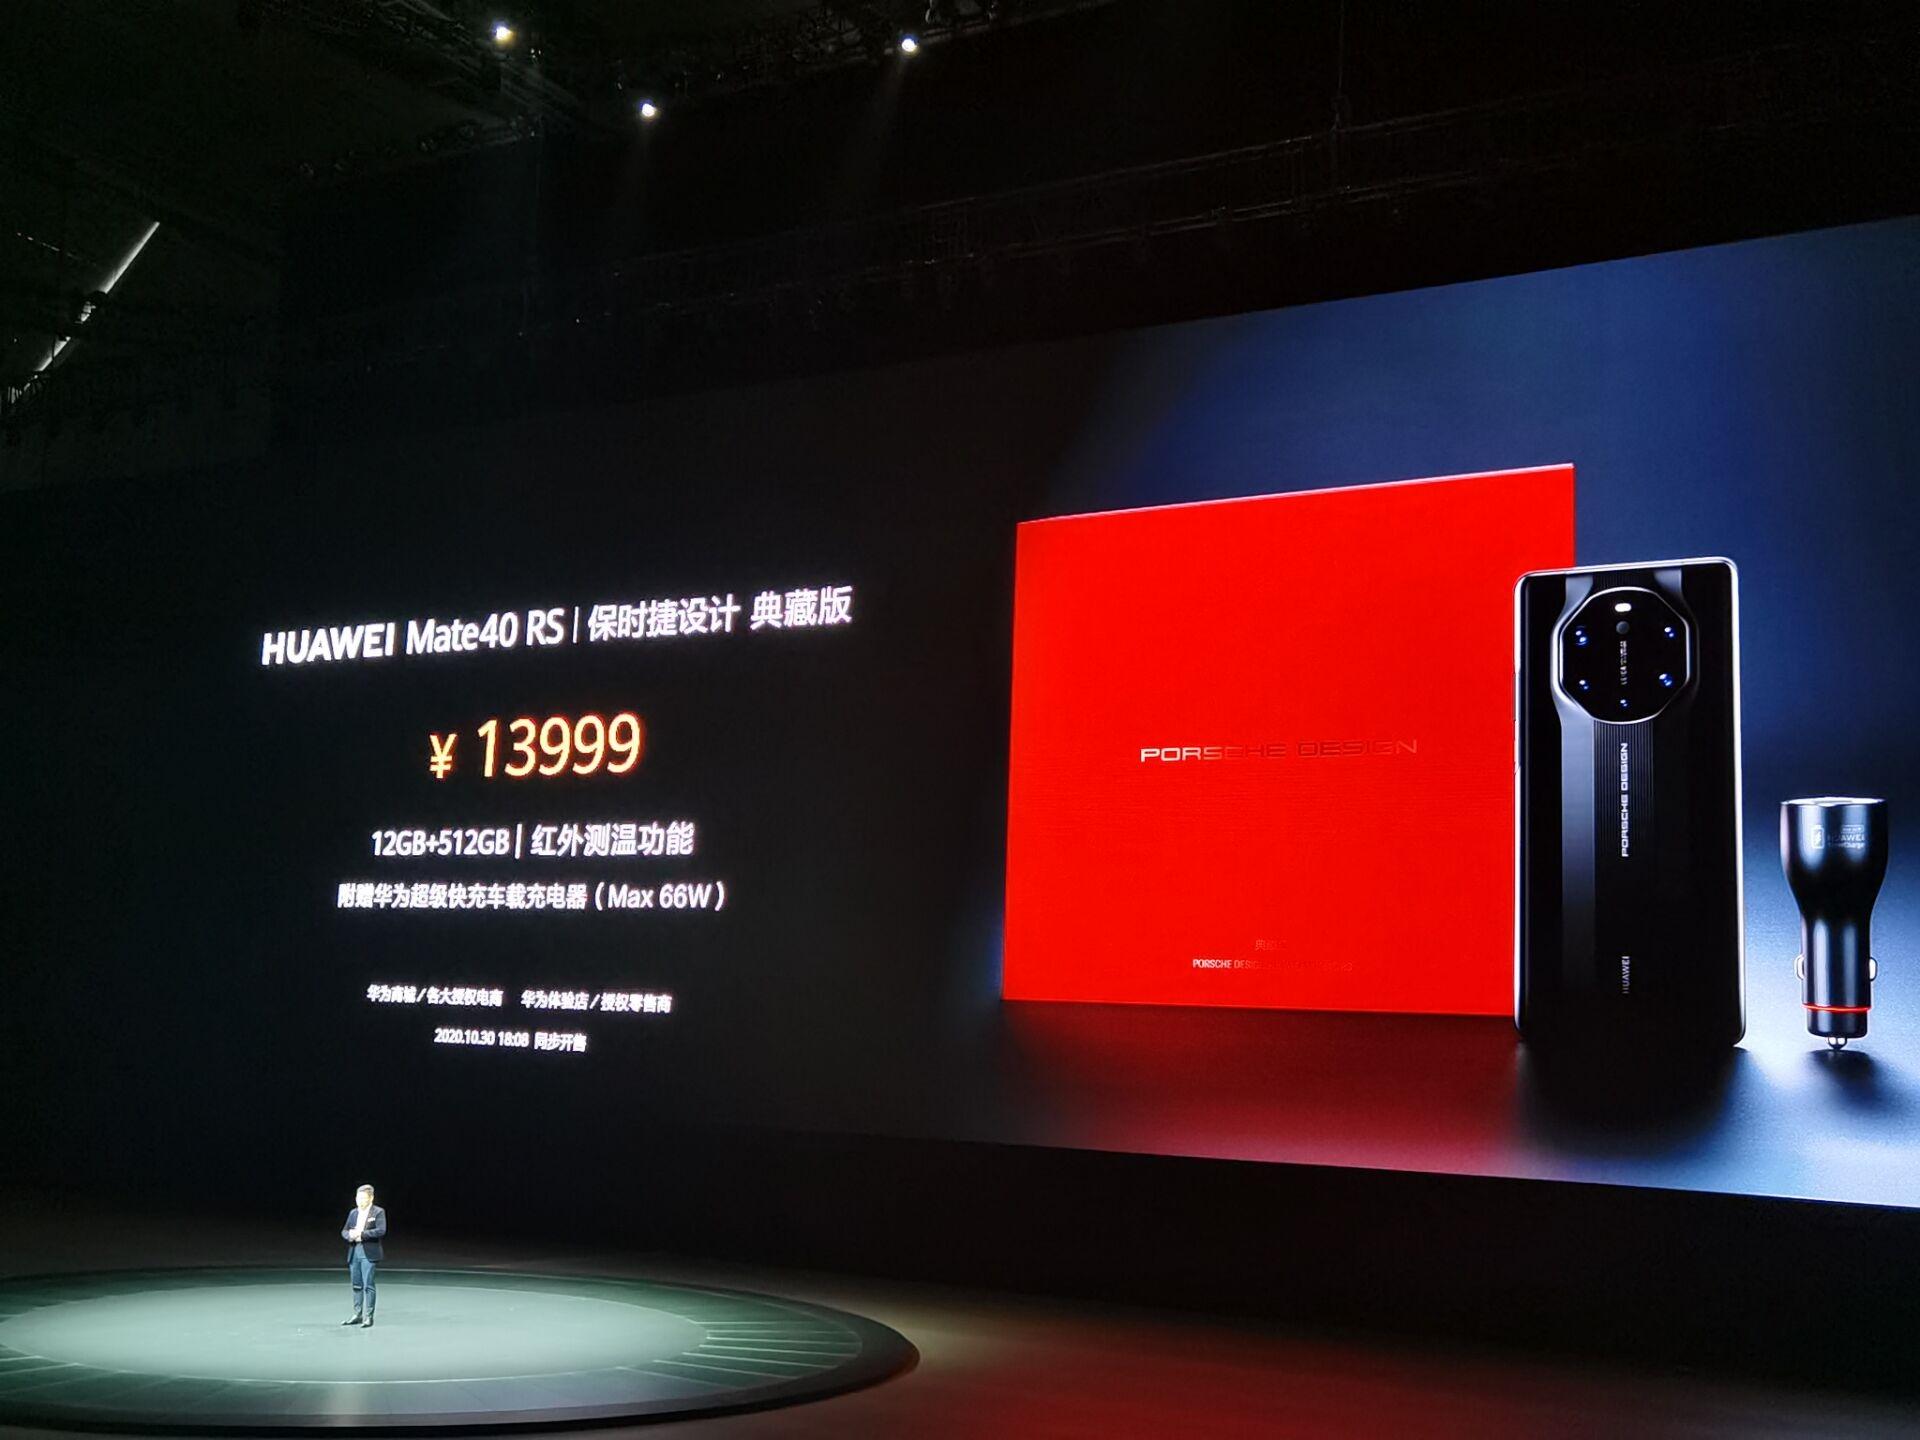 史上最强大!华为Mate40/40 Pro/40 Pro+手机发布